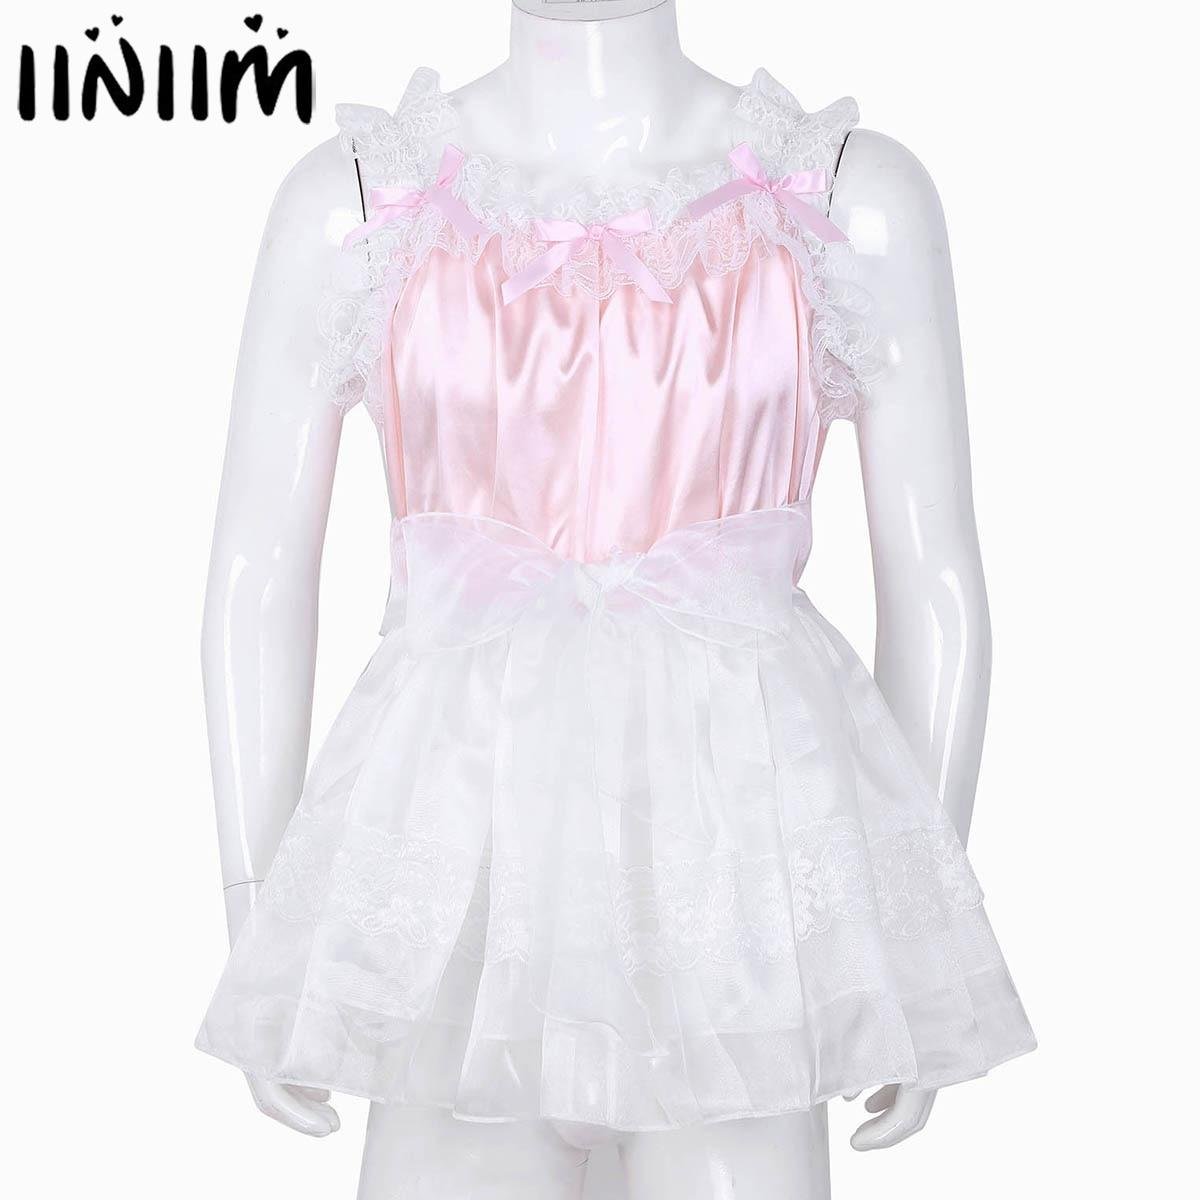 579e2d235e477 Mens Sissy Lingerie Sissy Dress For Men Shiny Soft Satin High Low ...